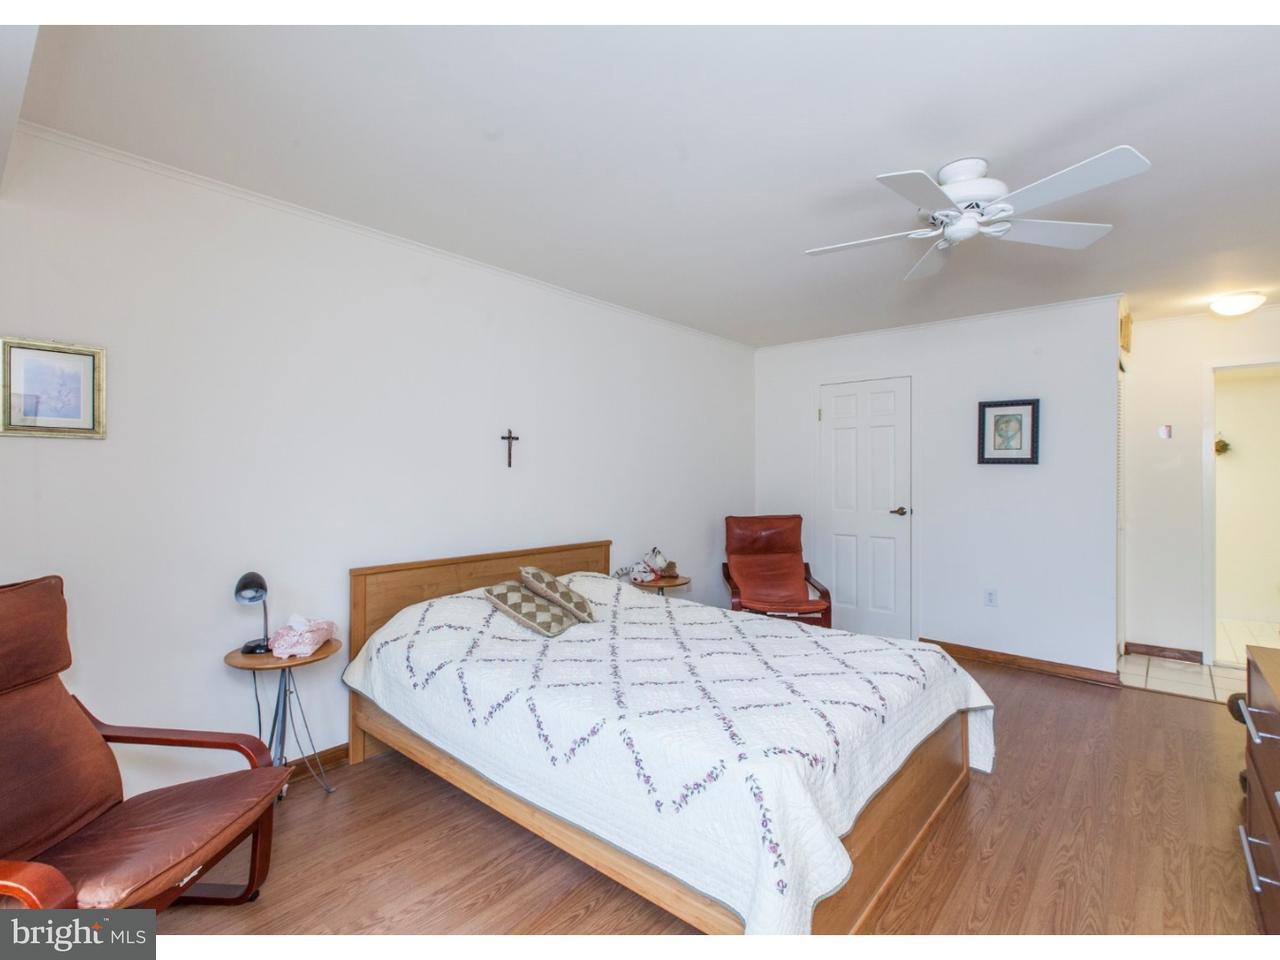 930 W Montgomery Bryn Mawr , PA 19010